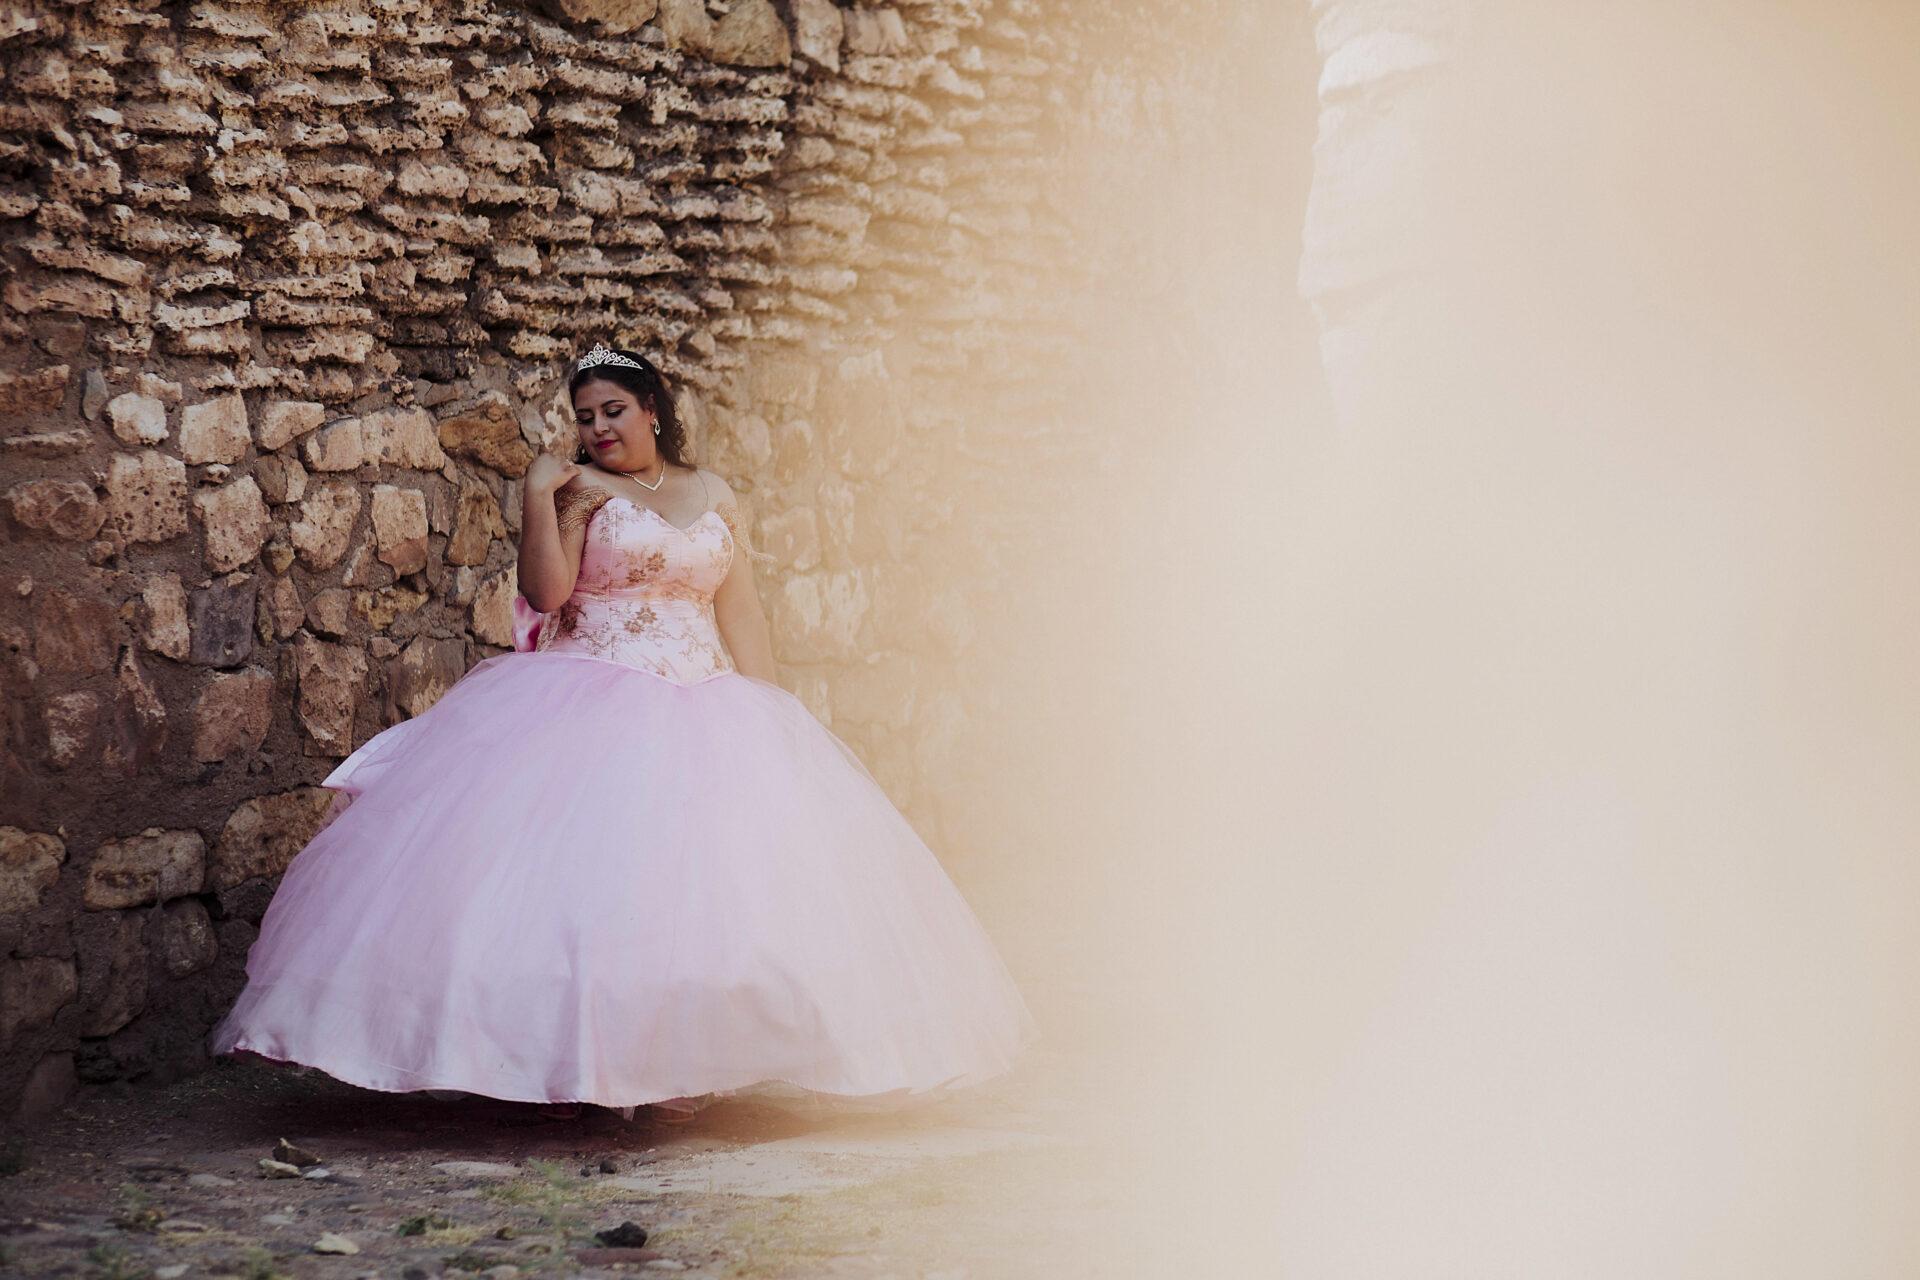 javier_noriega_fotografo_bodas_zacatecas_xv_años_chihuahua00016